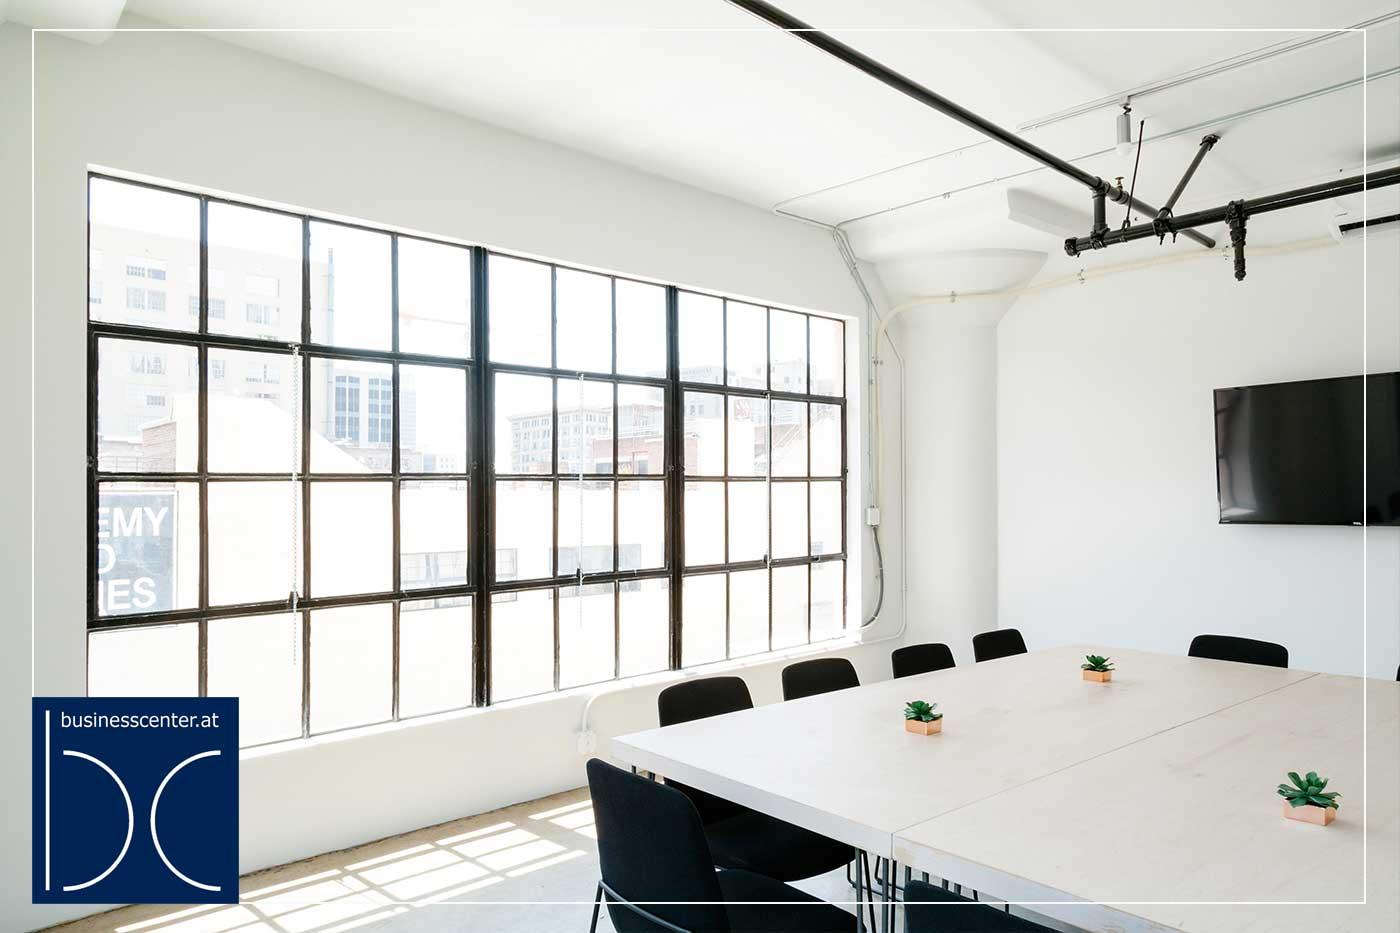 Büroräume mieten: Worauf müssen Sie achten?